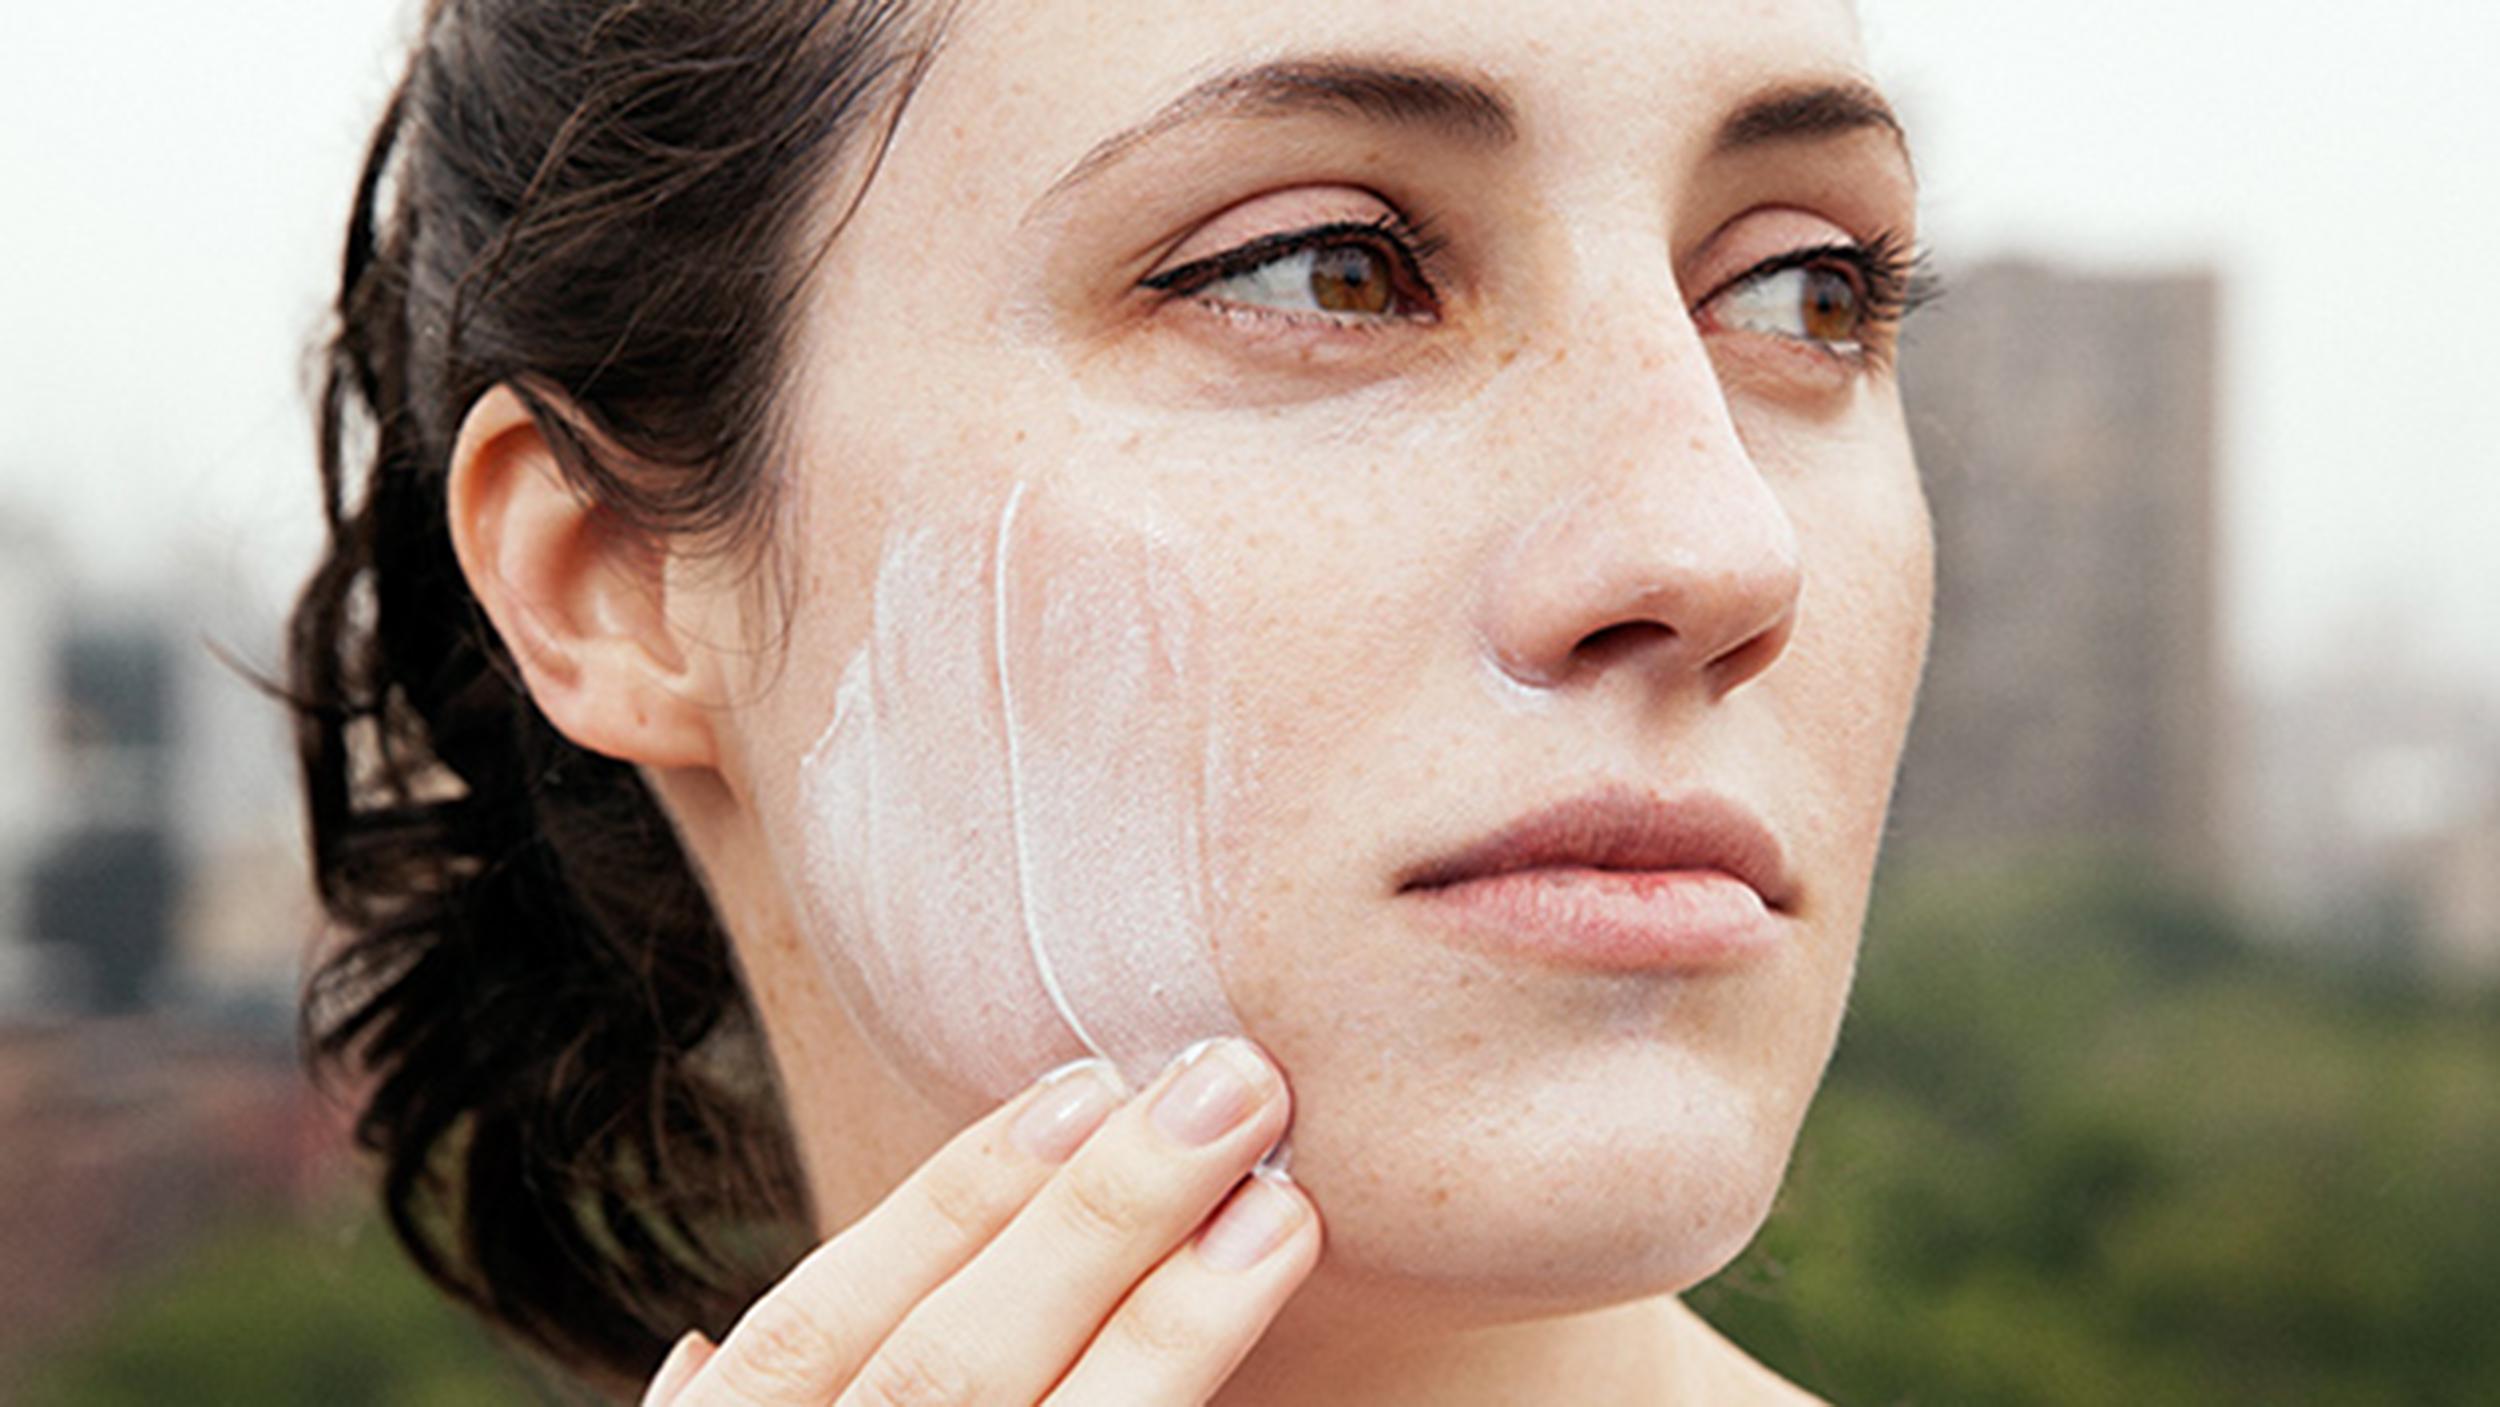 Mulai dari cara menghilangkannya, bekas jerawat yang mengurangi kecantikan wajah,